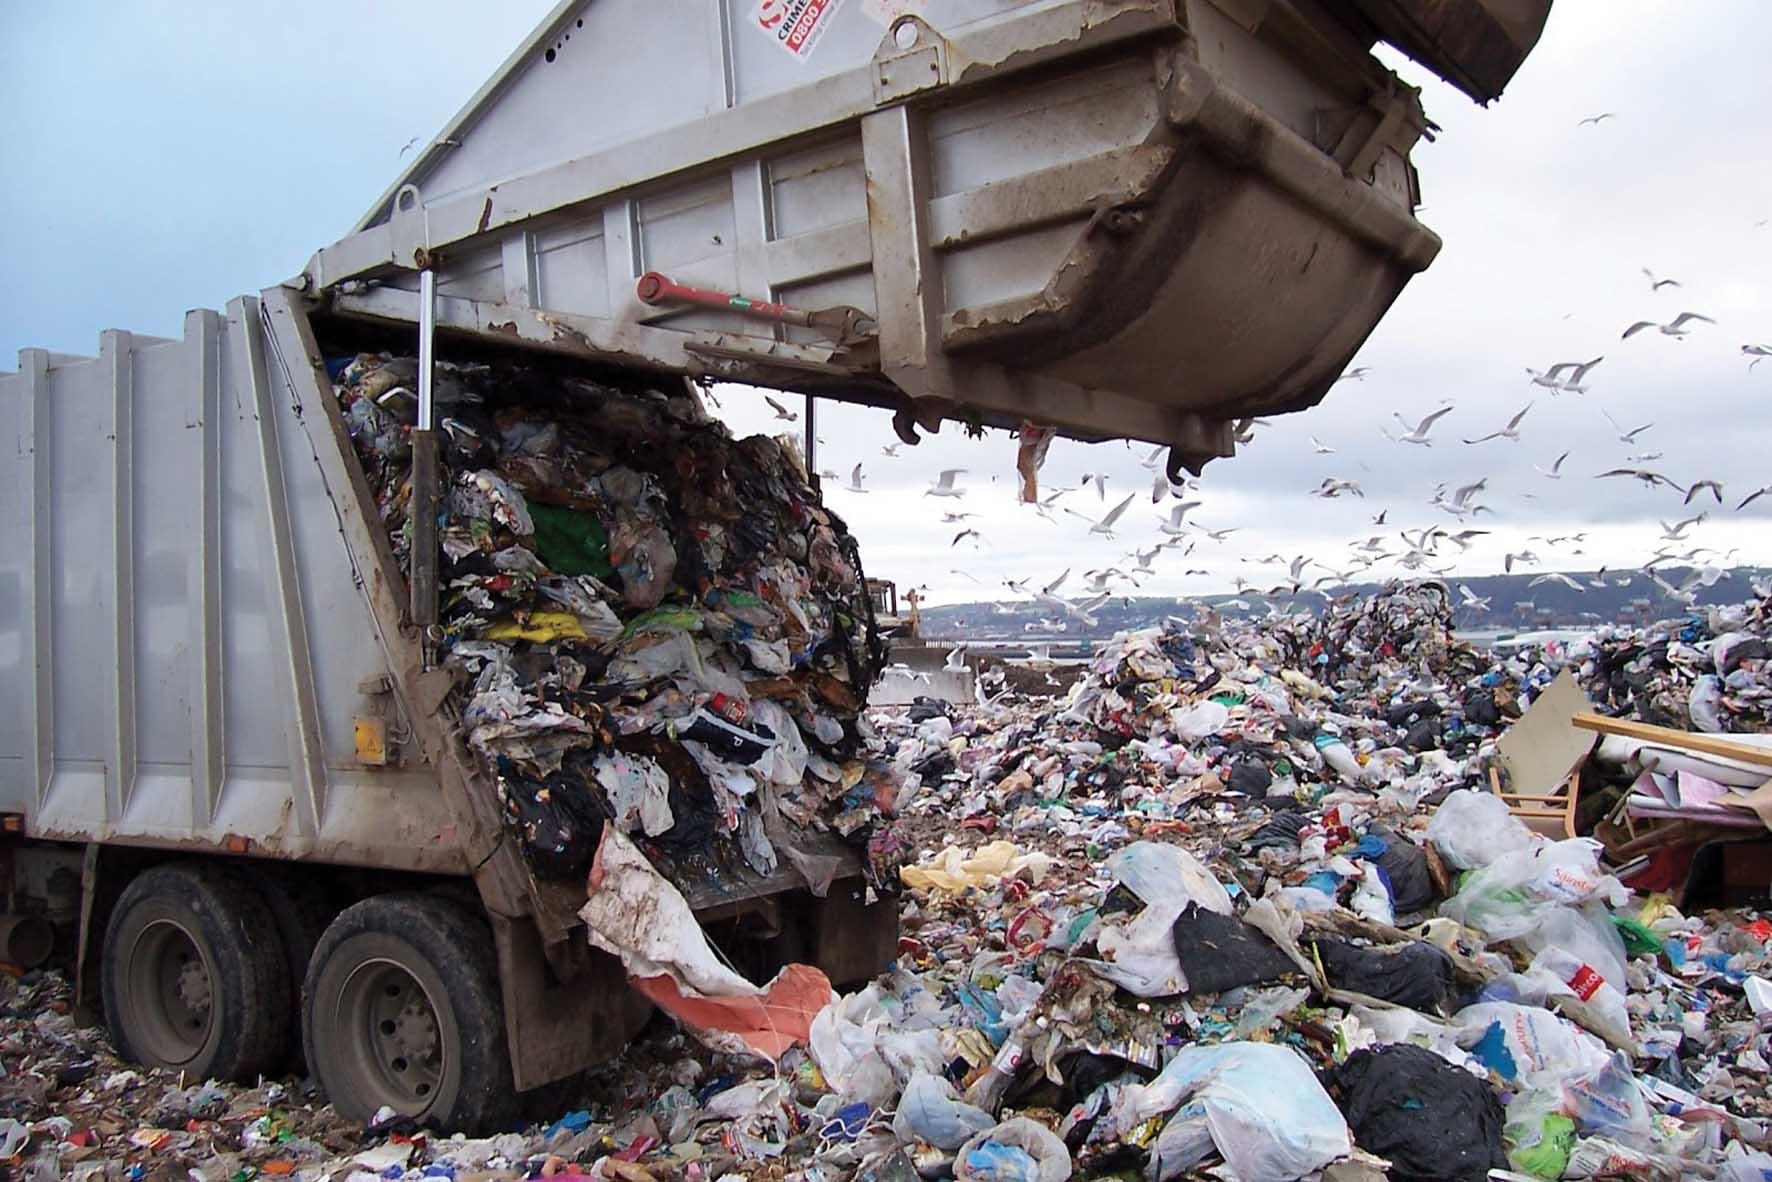 emilia romagna rifiuti-discarica-svuotamento-compattatore-ilnordest